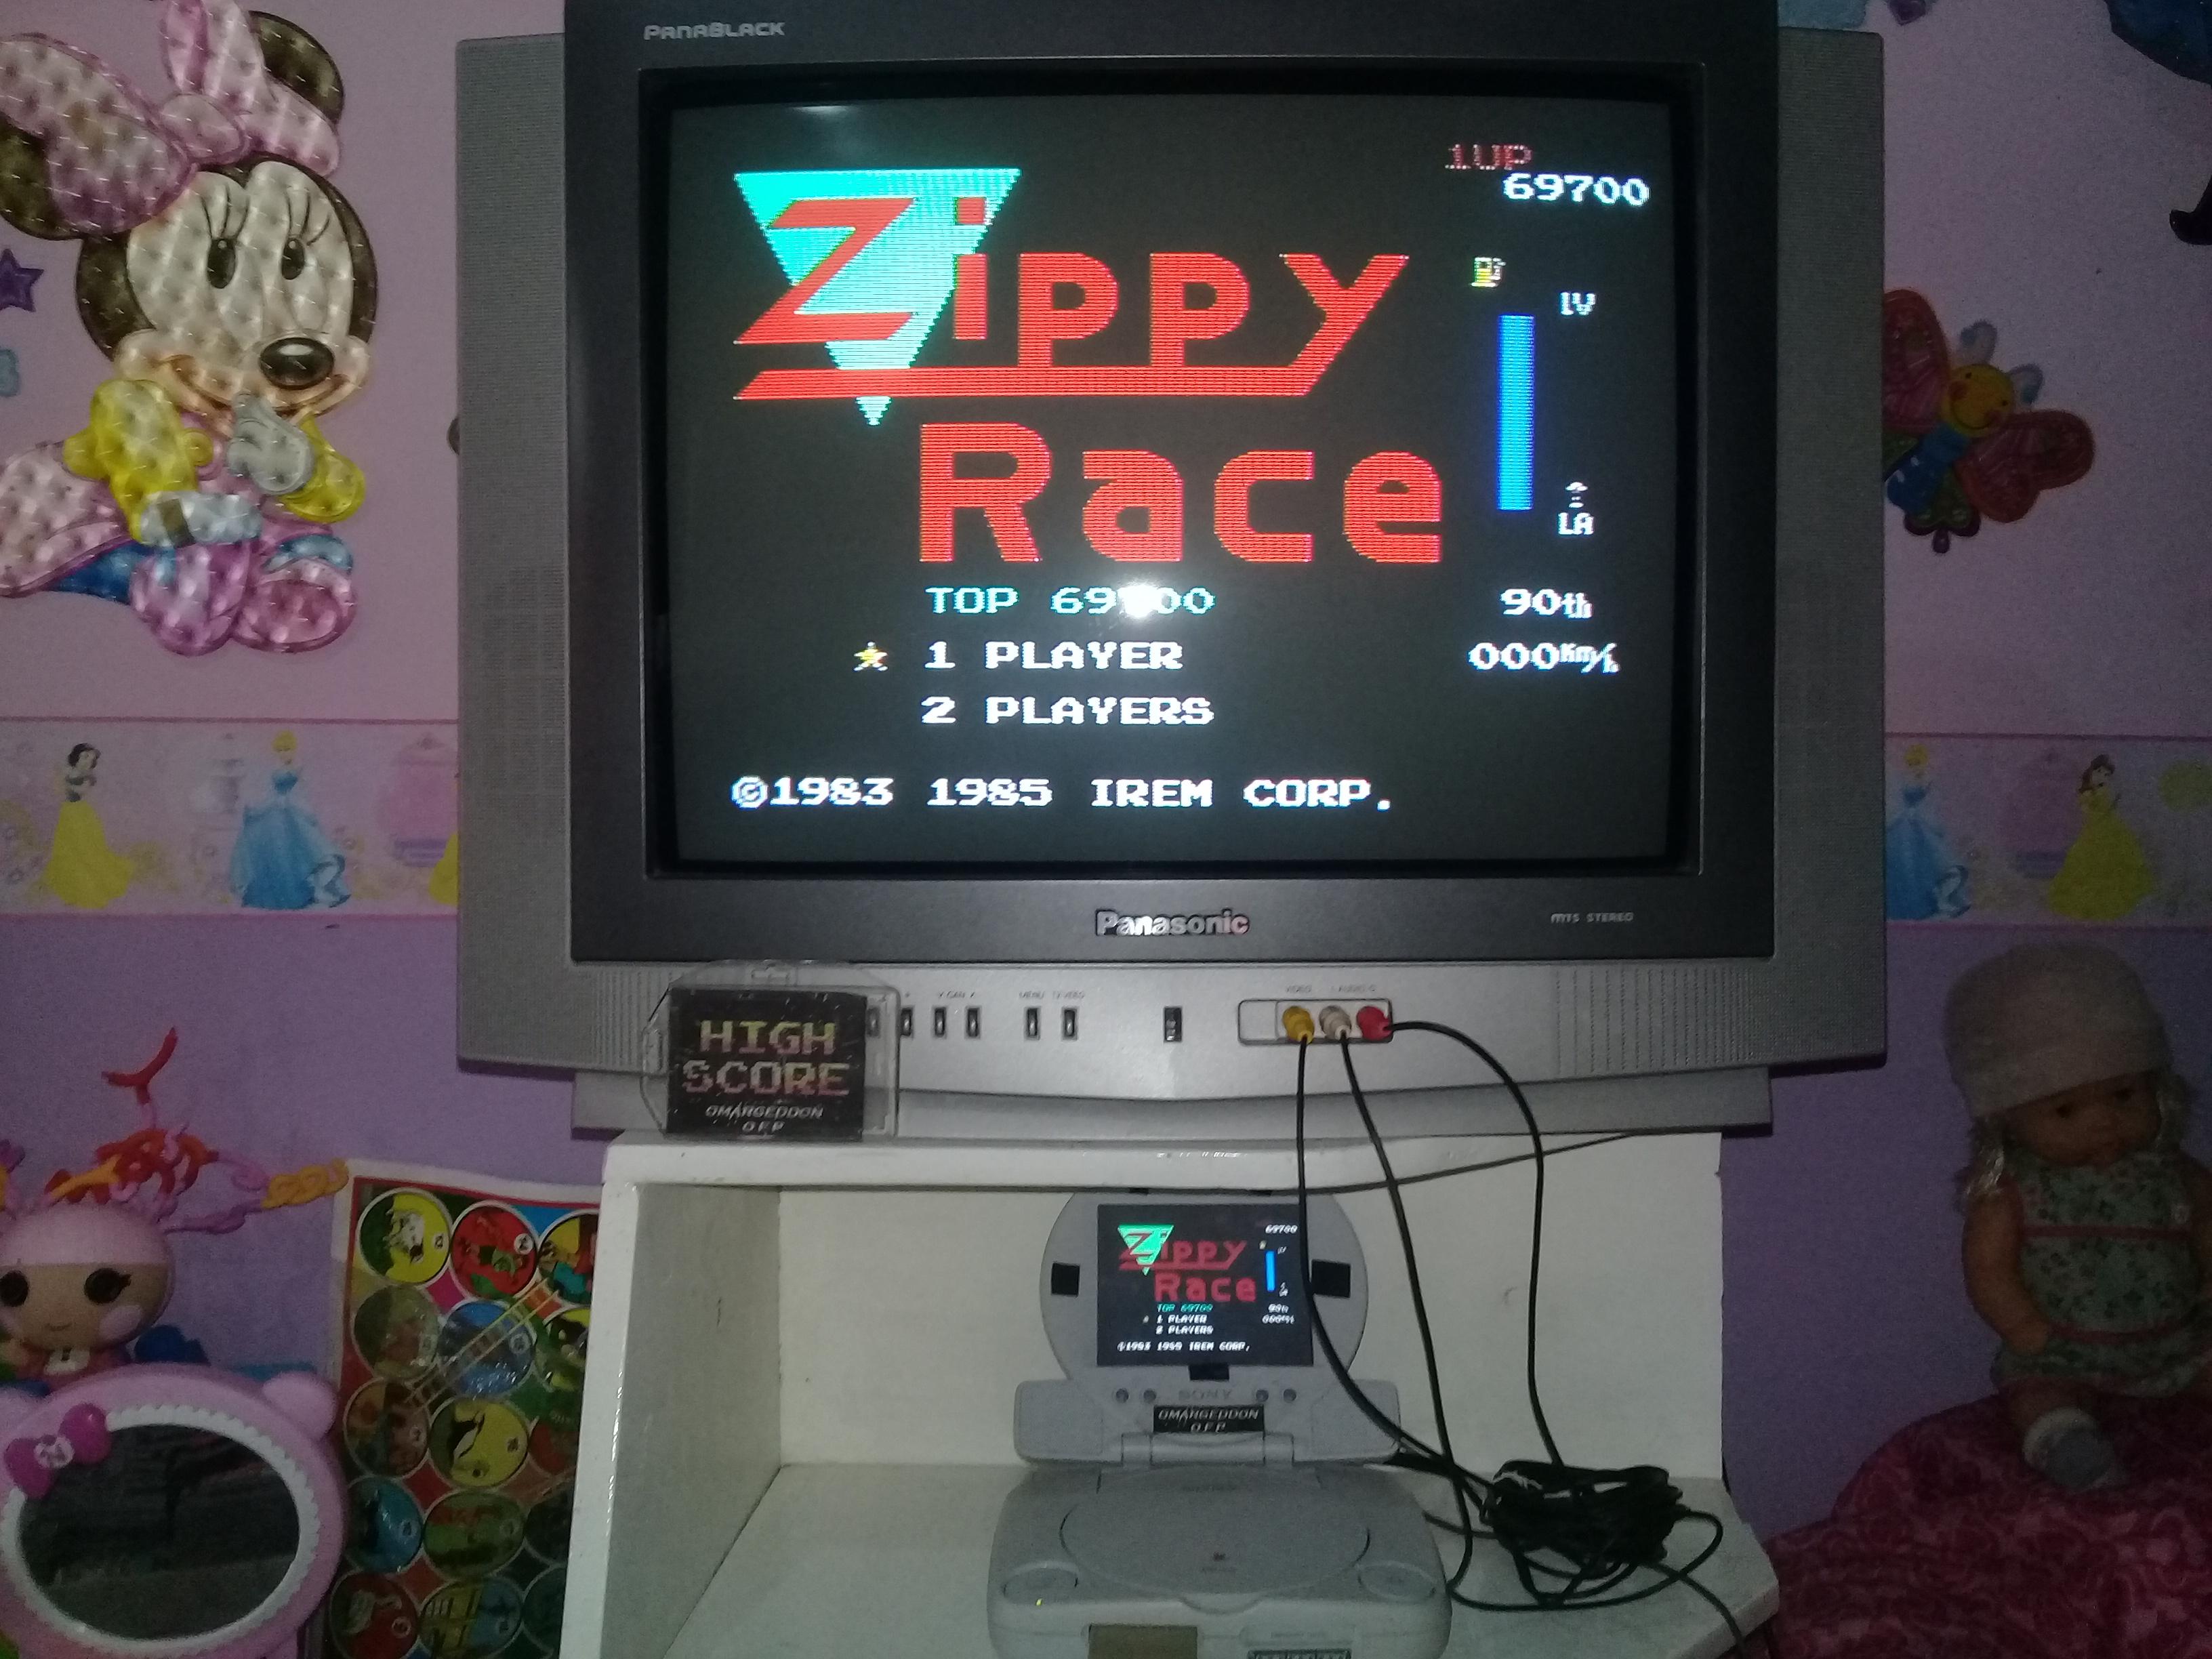 omargeddon: Zippy Race / MotoRace U.S.A. (NES/Famicom Emulated) 69,700 points on 2019-07-14 14:58:36